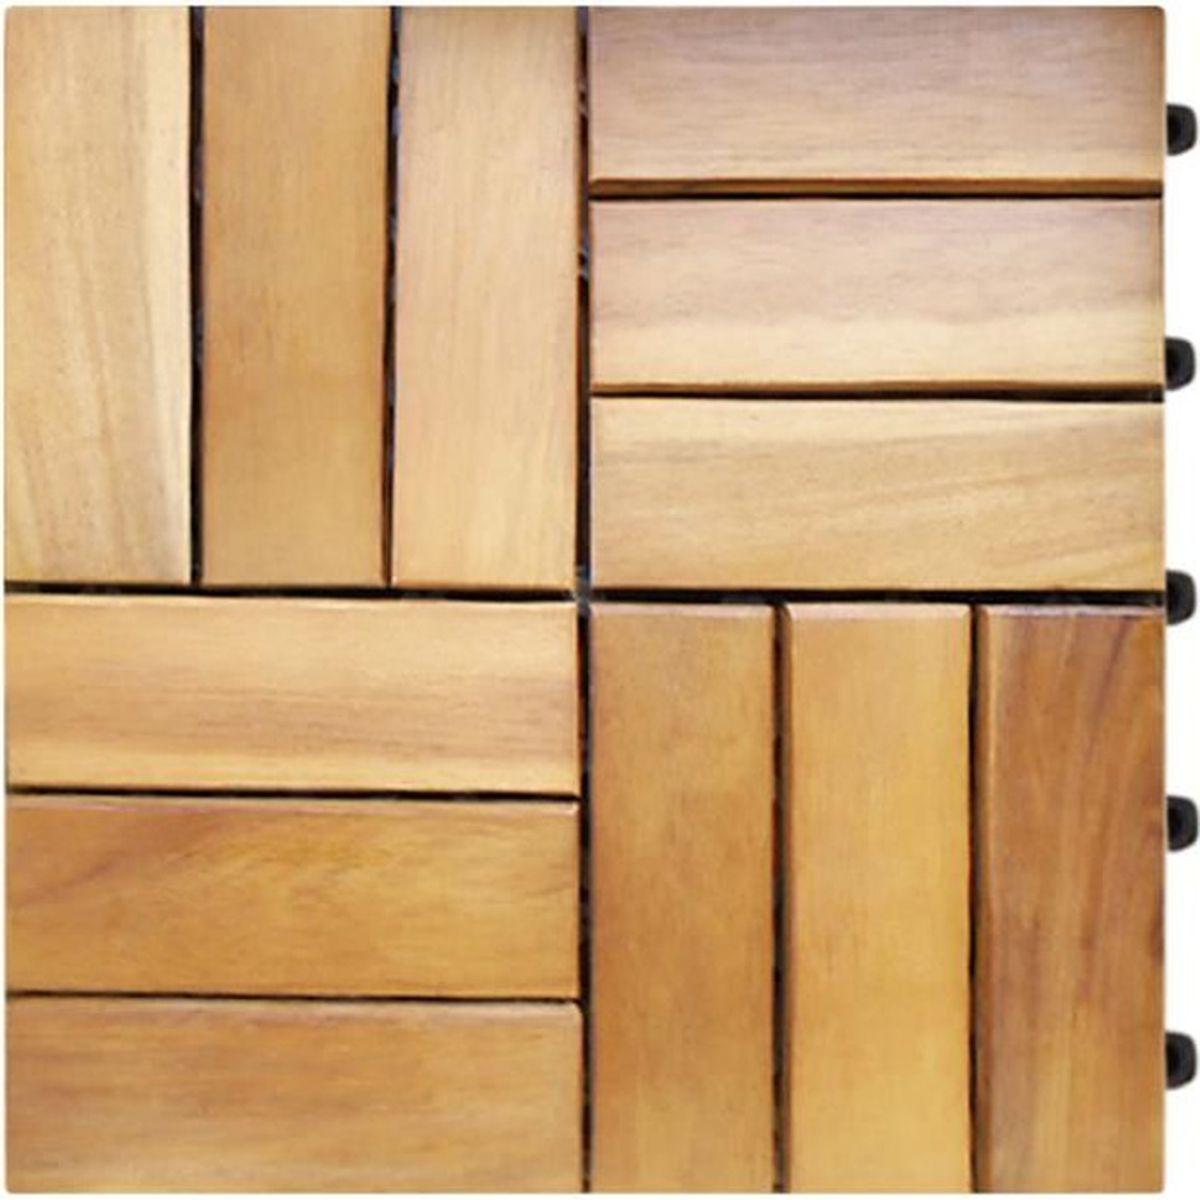 Vente Bois Pour Terrasse 33x dalles de terrasse en bois pour 3m² en bois d'acacia